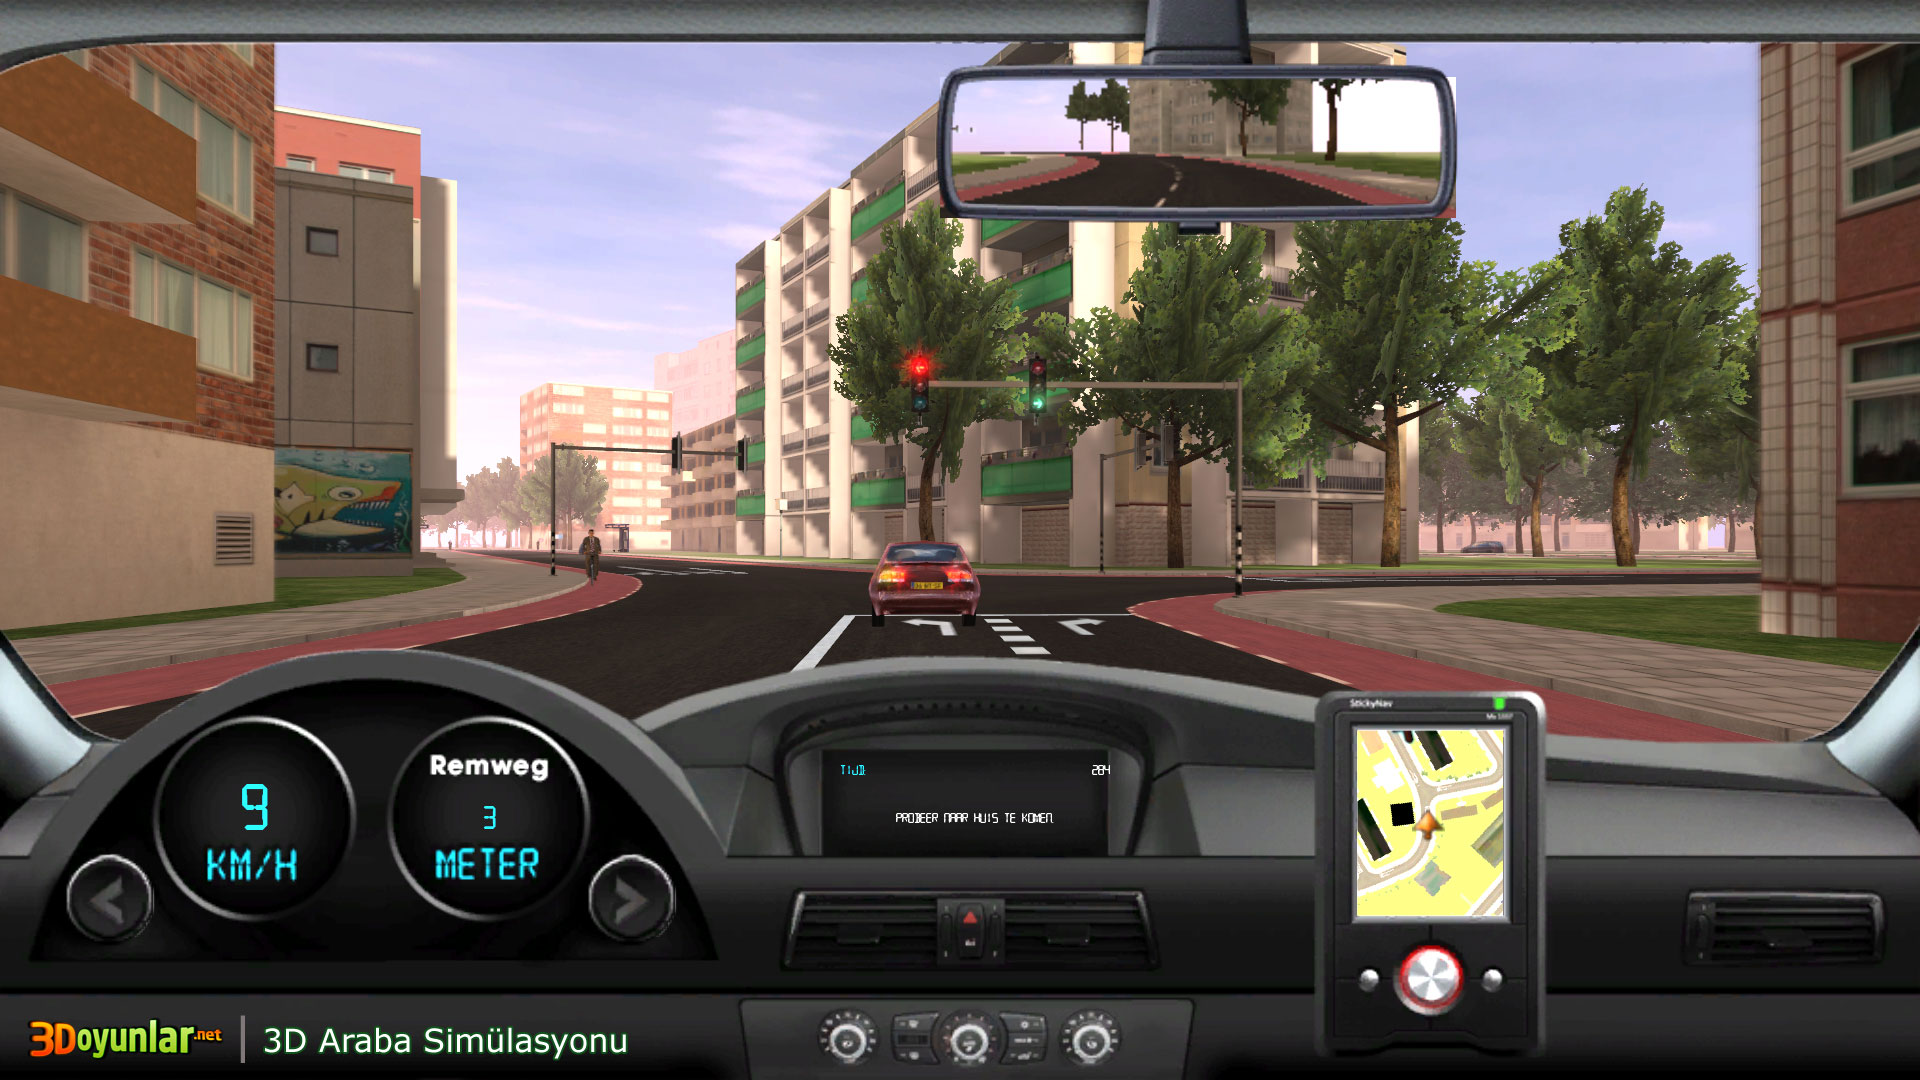 3D Oyunlar › 3D Araba › 3D Araba Simülasyonu Oyunu